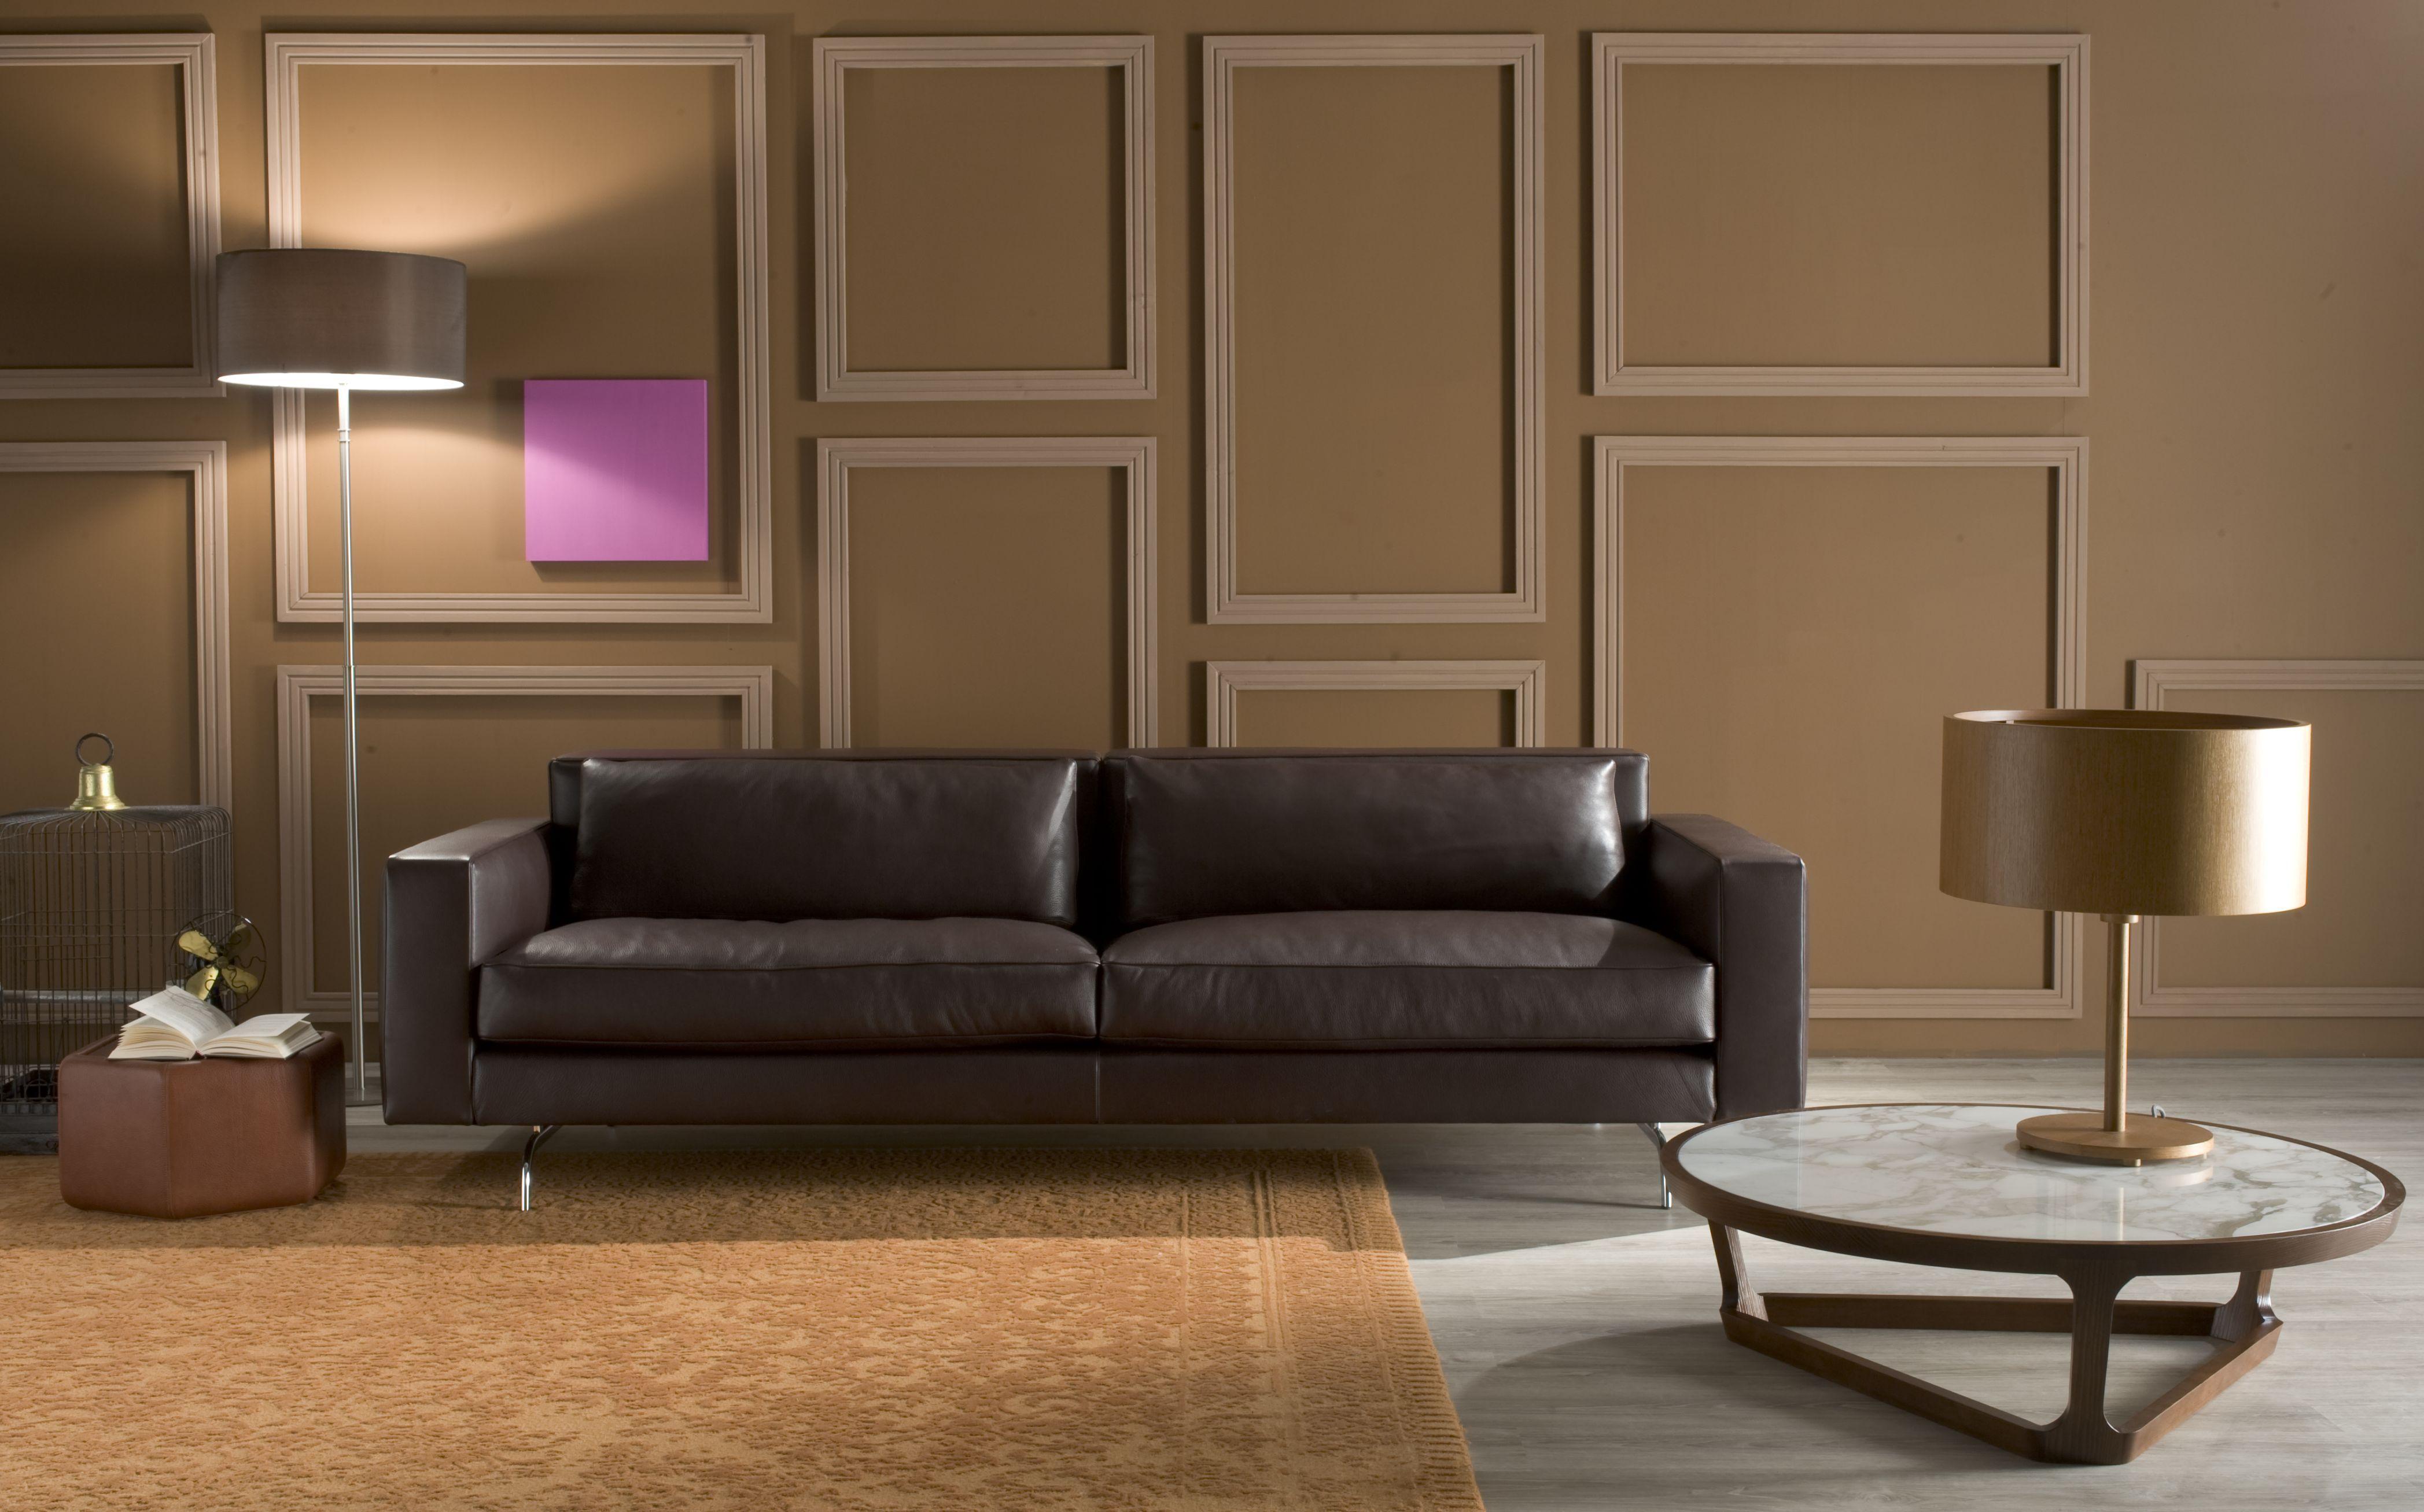 Molinari Sedie ~ Amadeus in dark brown natural leather walls decorations